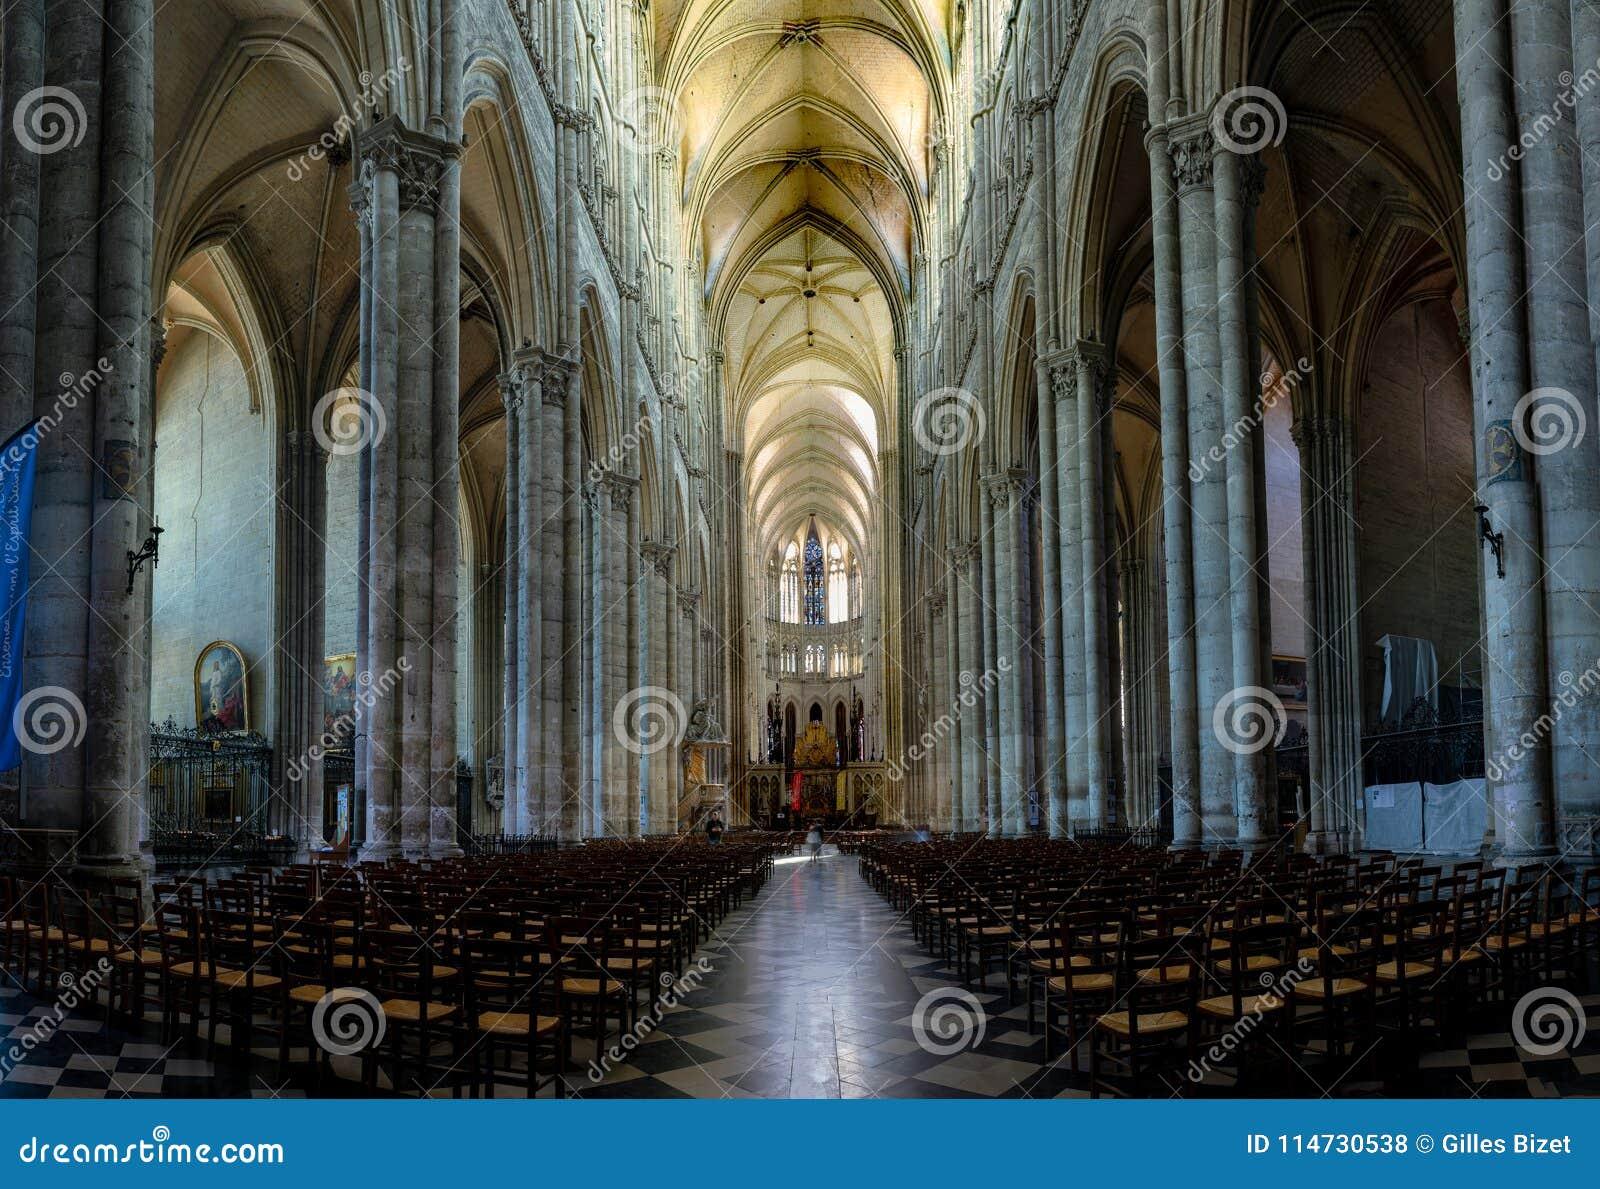 Interno e dettaglio della cattedrale di Amiens in Francia